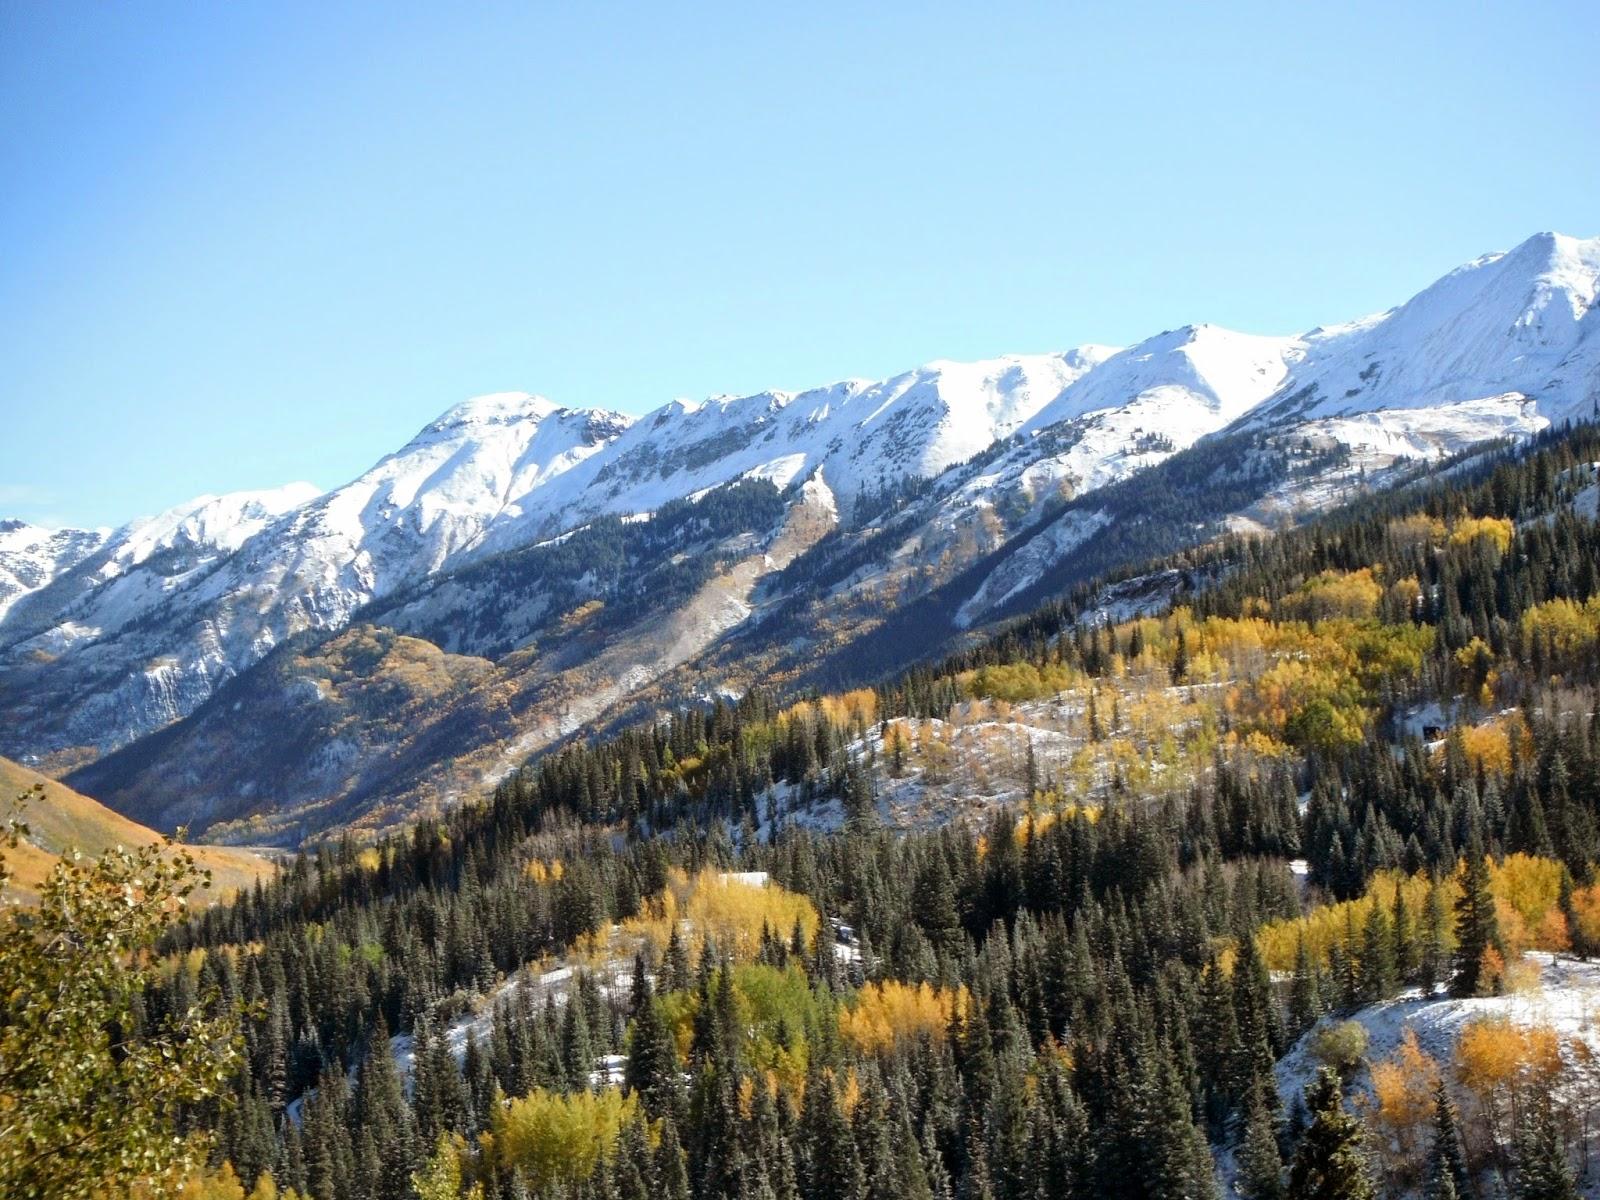 Rockhounding the Rockies: Amethyst/Quartz at Creede, CO